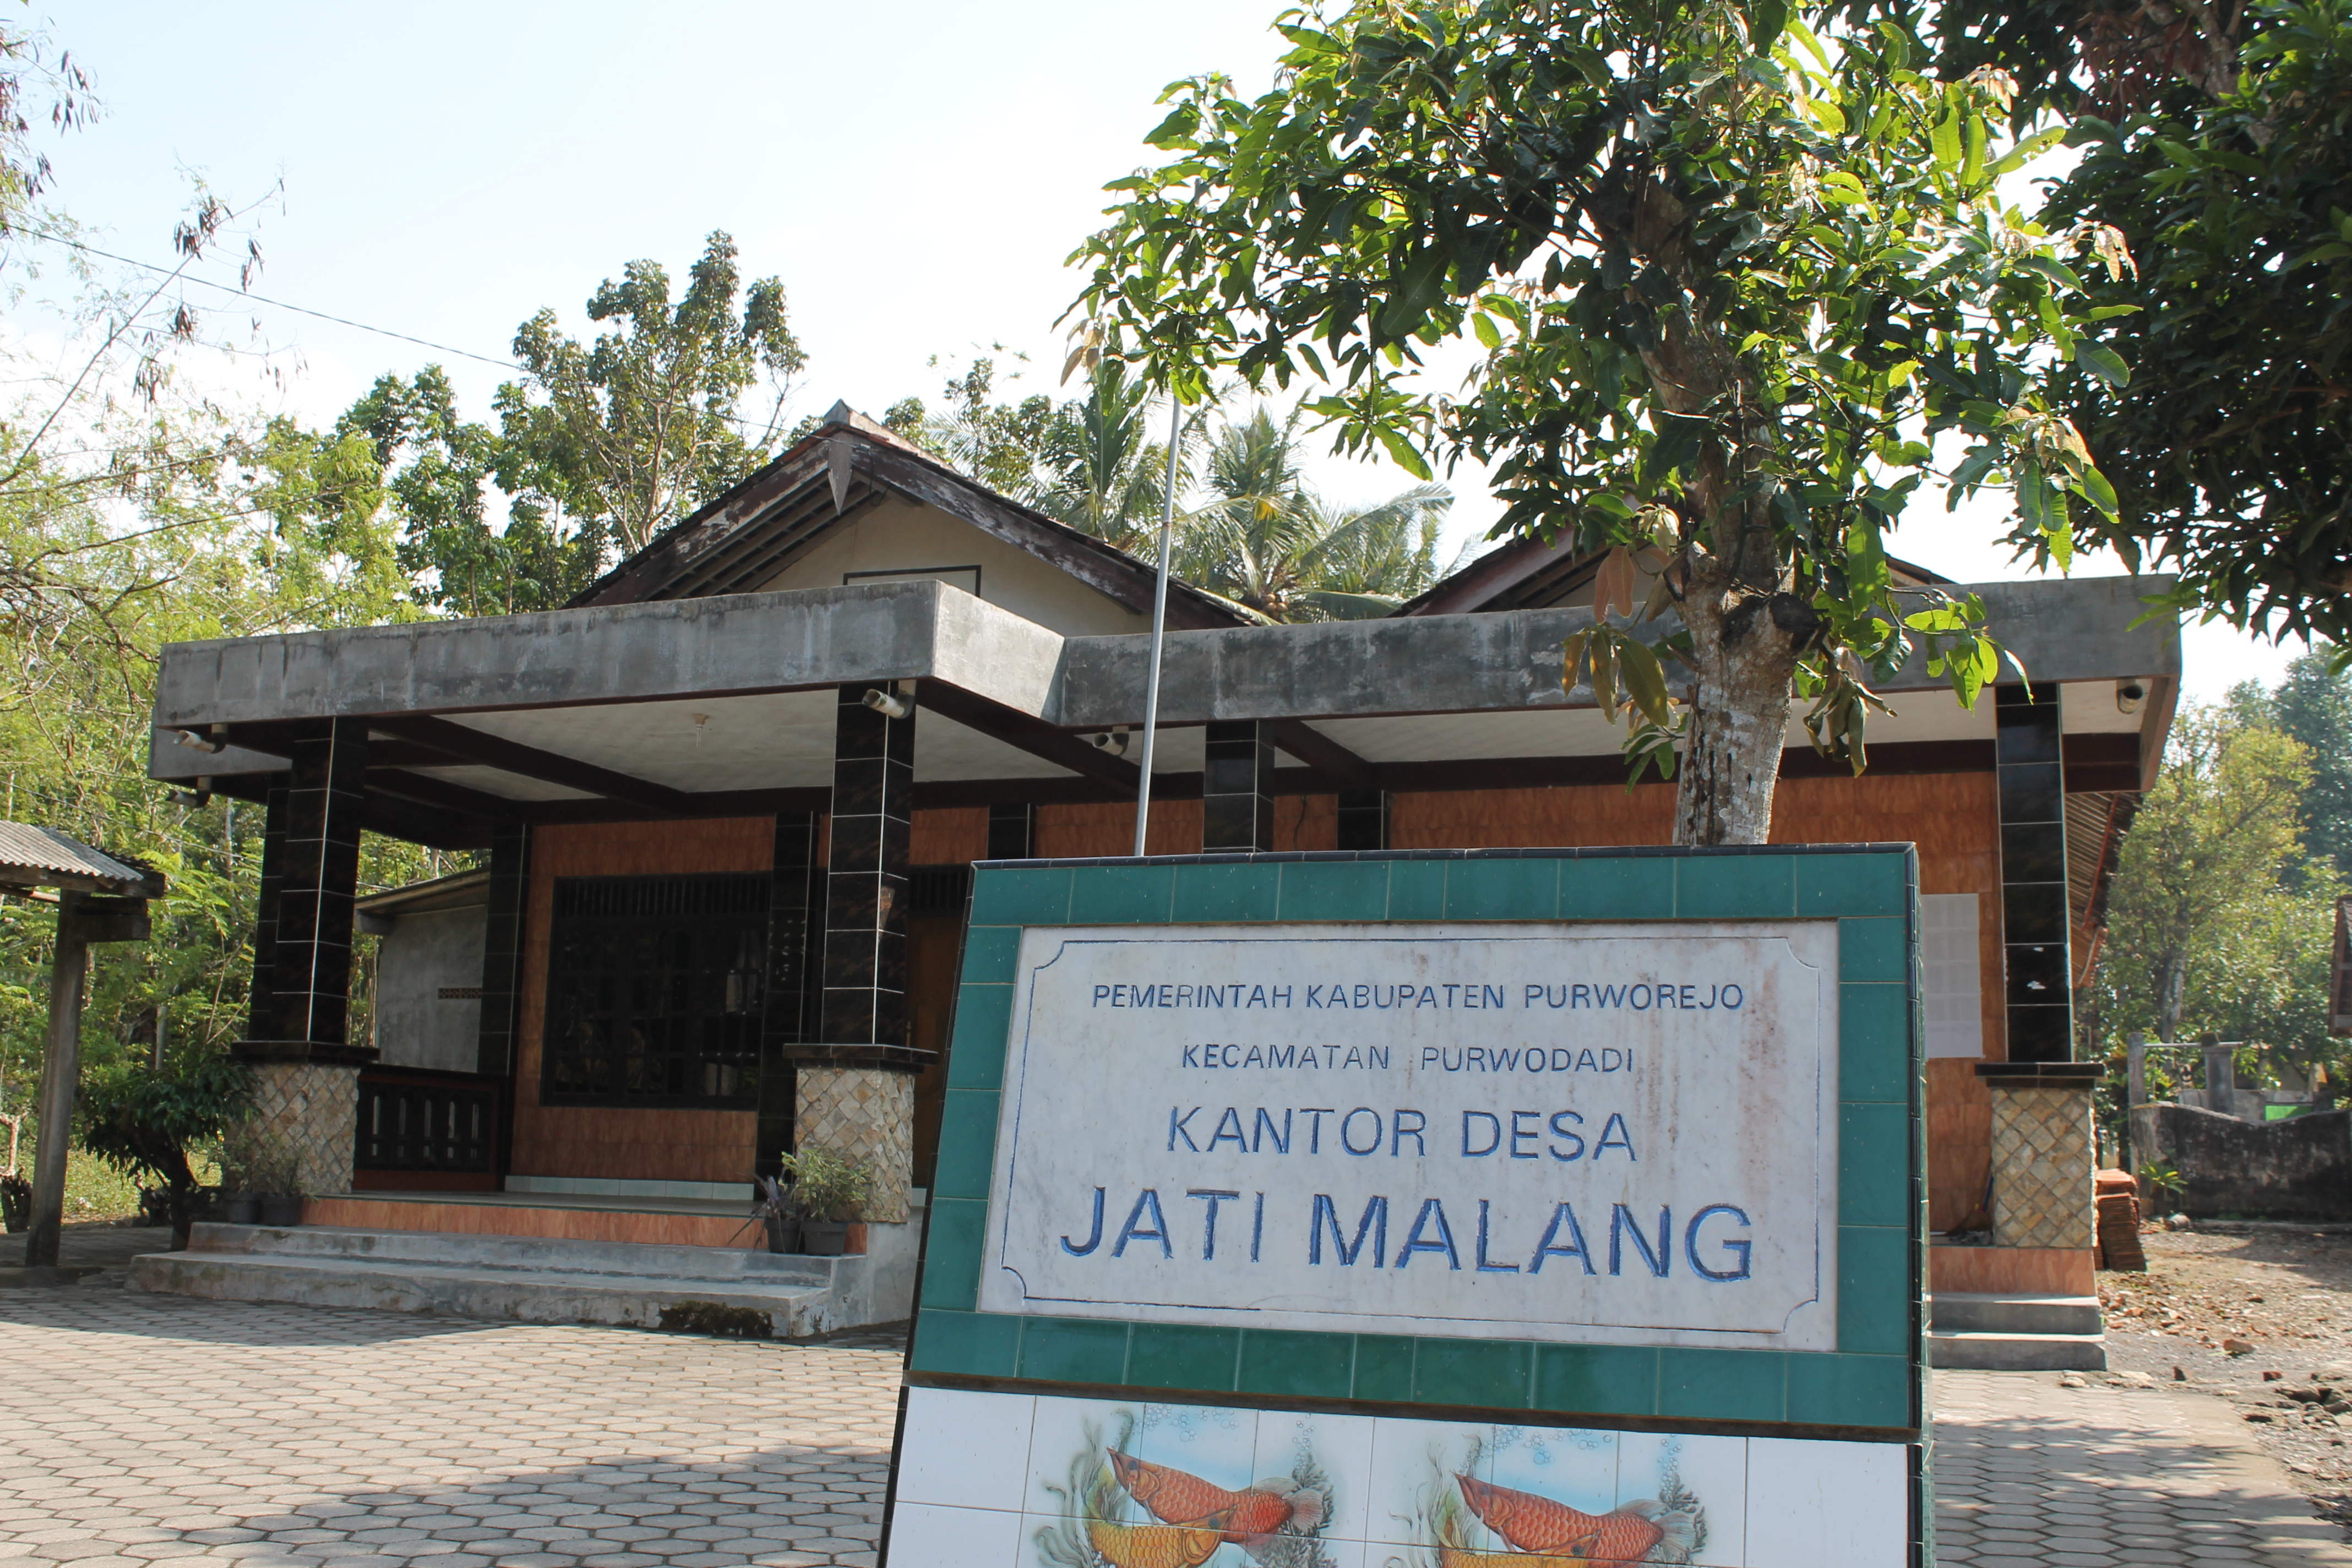 Pantai Jatimalang Indah Pesona Pesisir Purworejo Balai Desa Kab